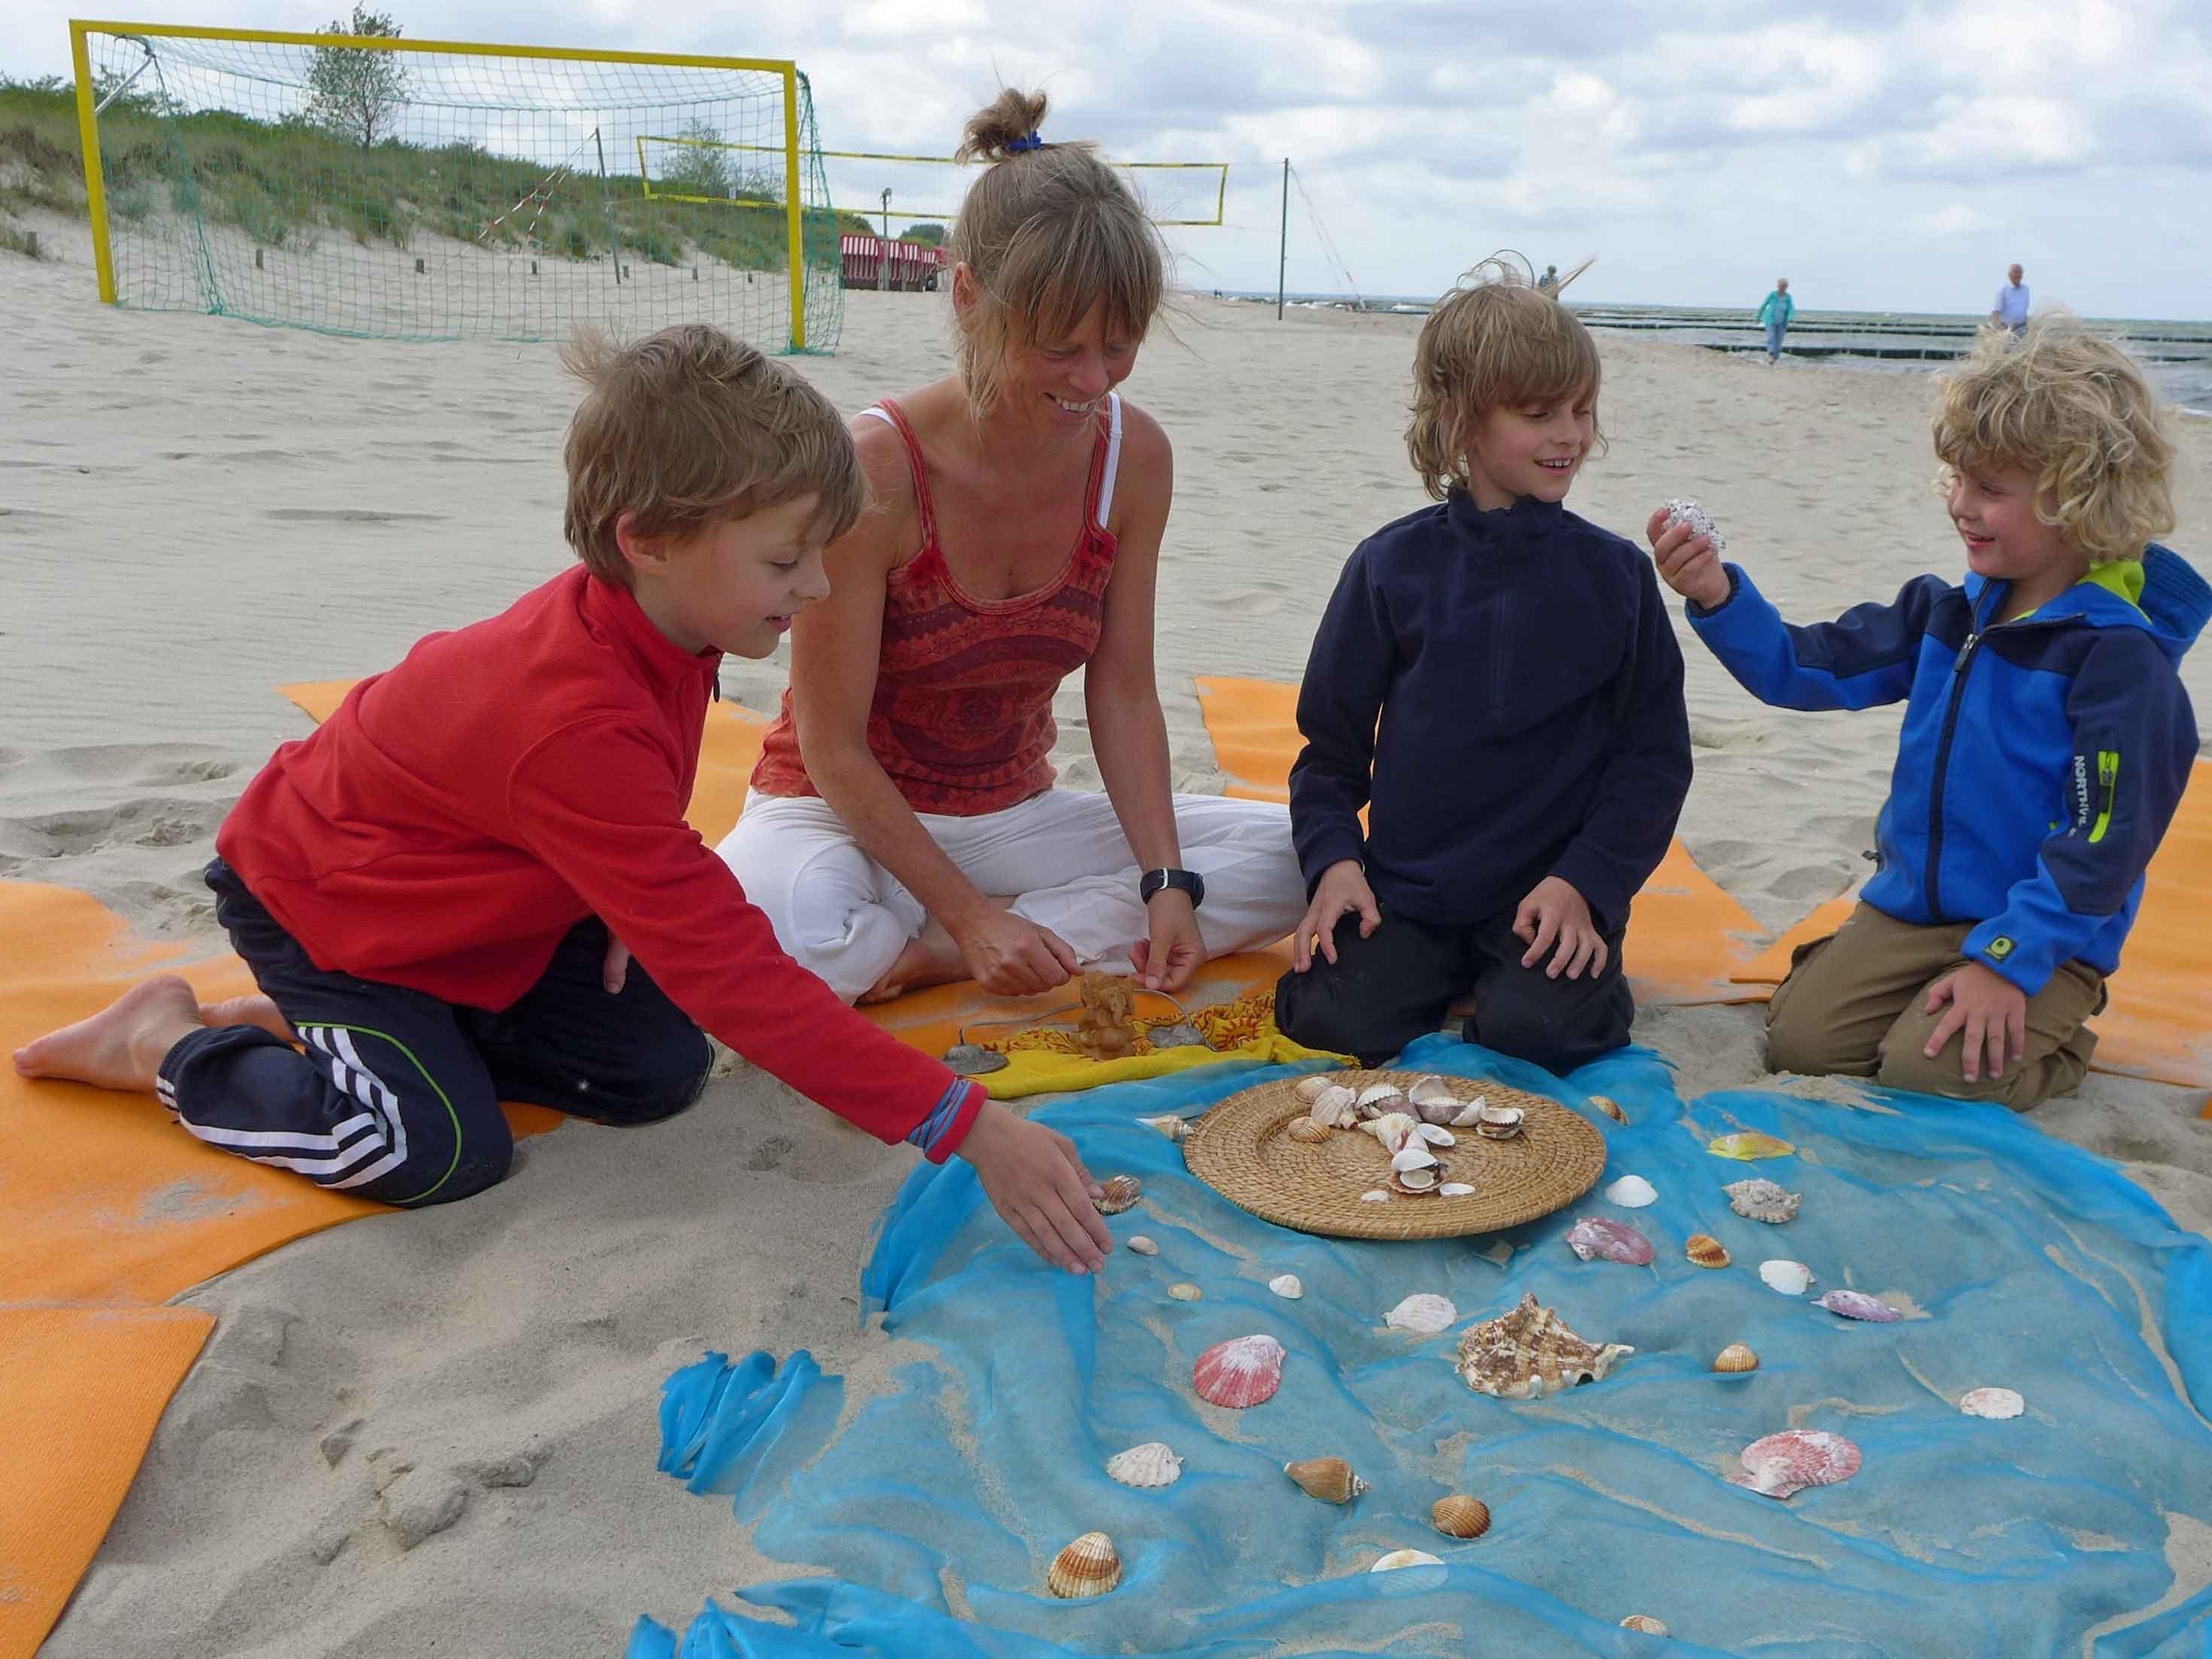 Drei kleine Kinder mit einer Yoga-Lehrerin am Strand von Koserow Familienurlaub Usedom, Tipps Familienreise, Aktivurlaub mit der Familie, Usedom-Urlaub, Reiseblog. Reisefeder